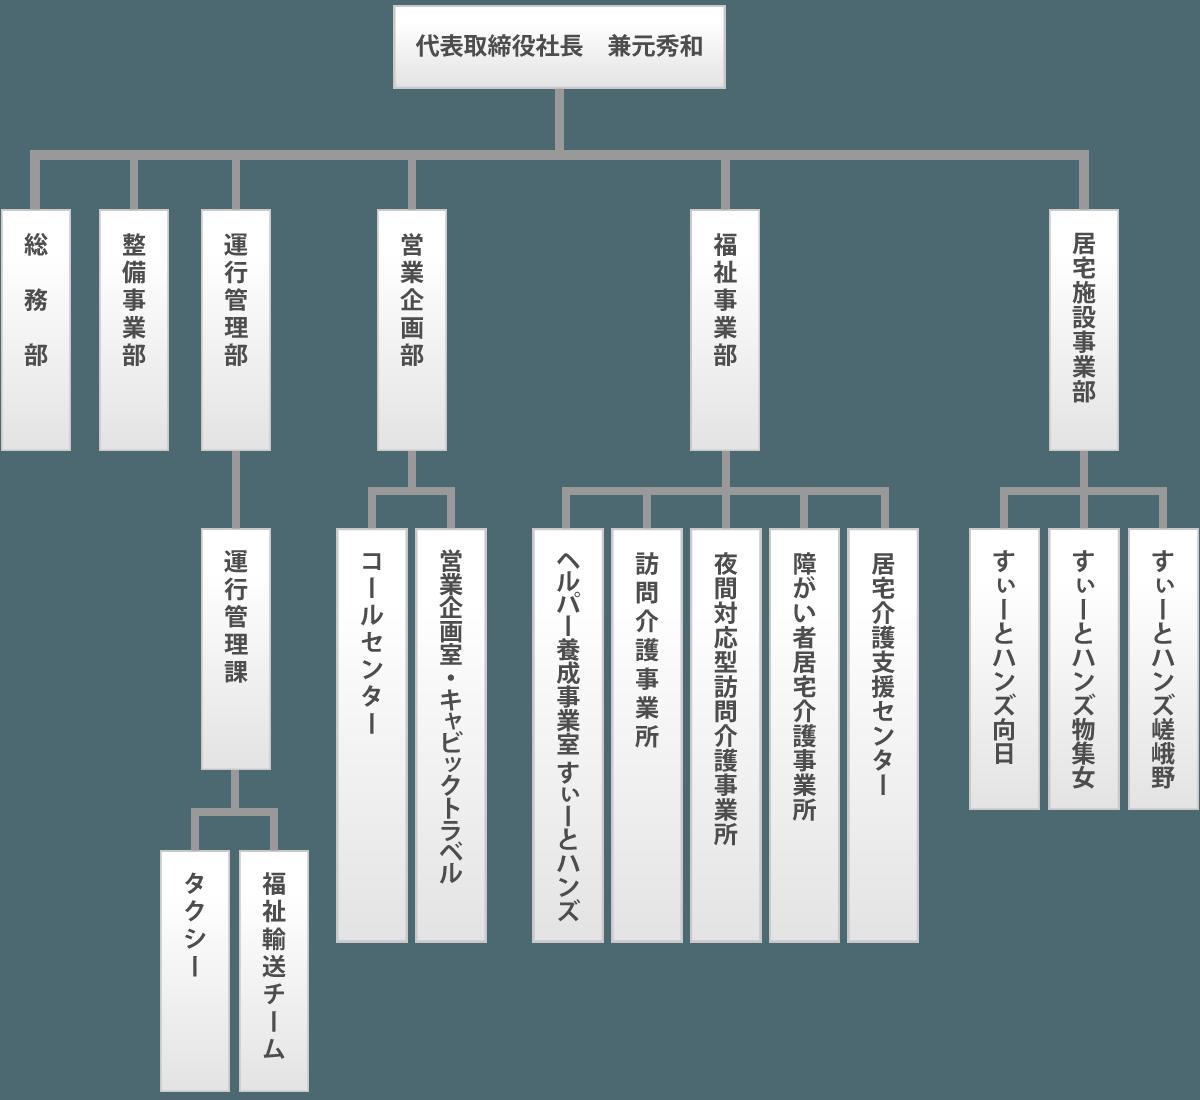 株式会社キャビック組織図